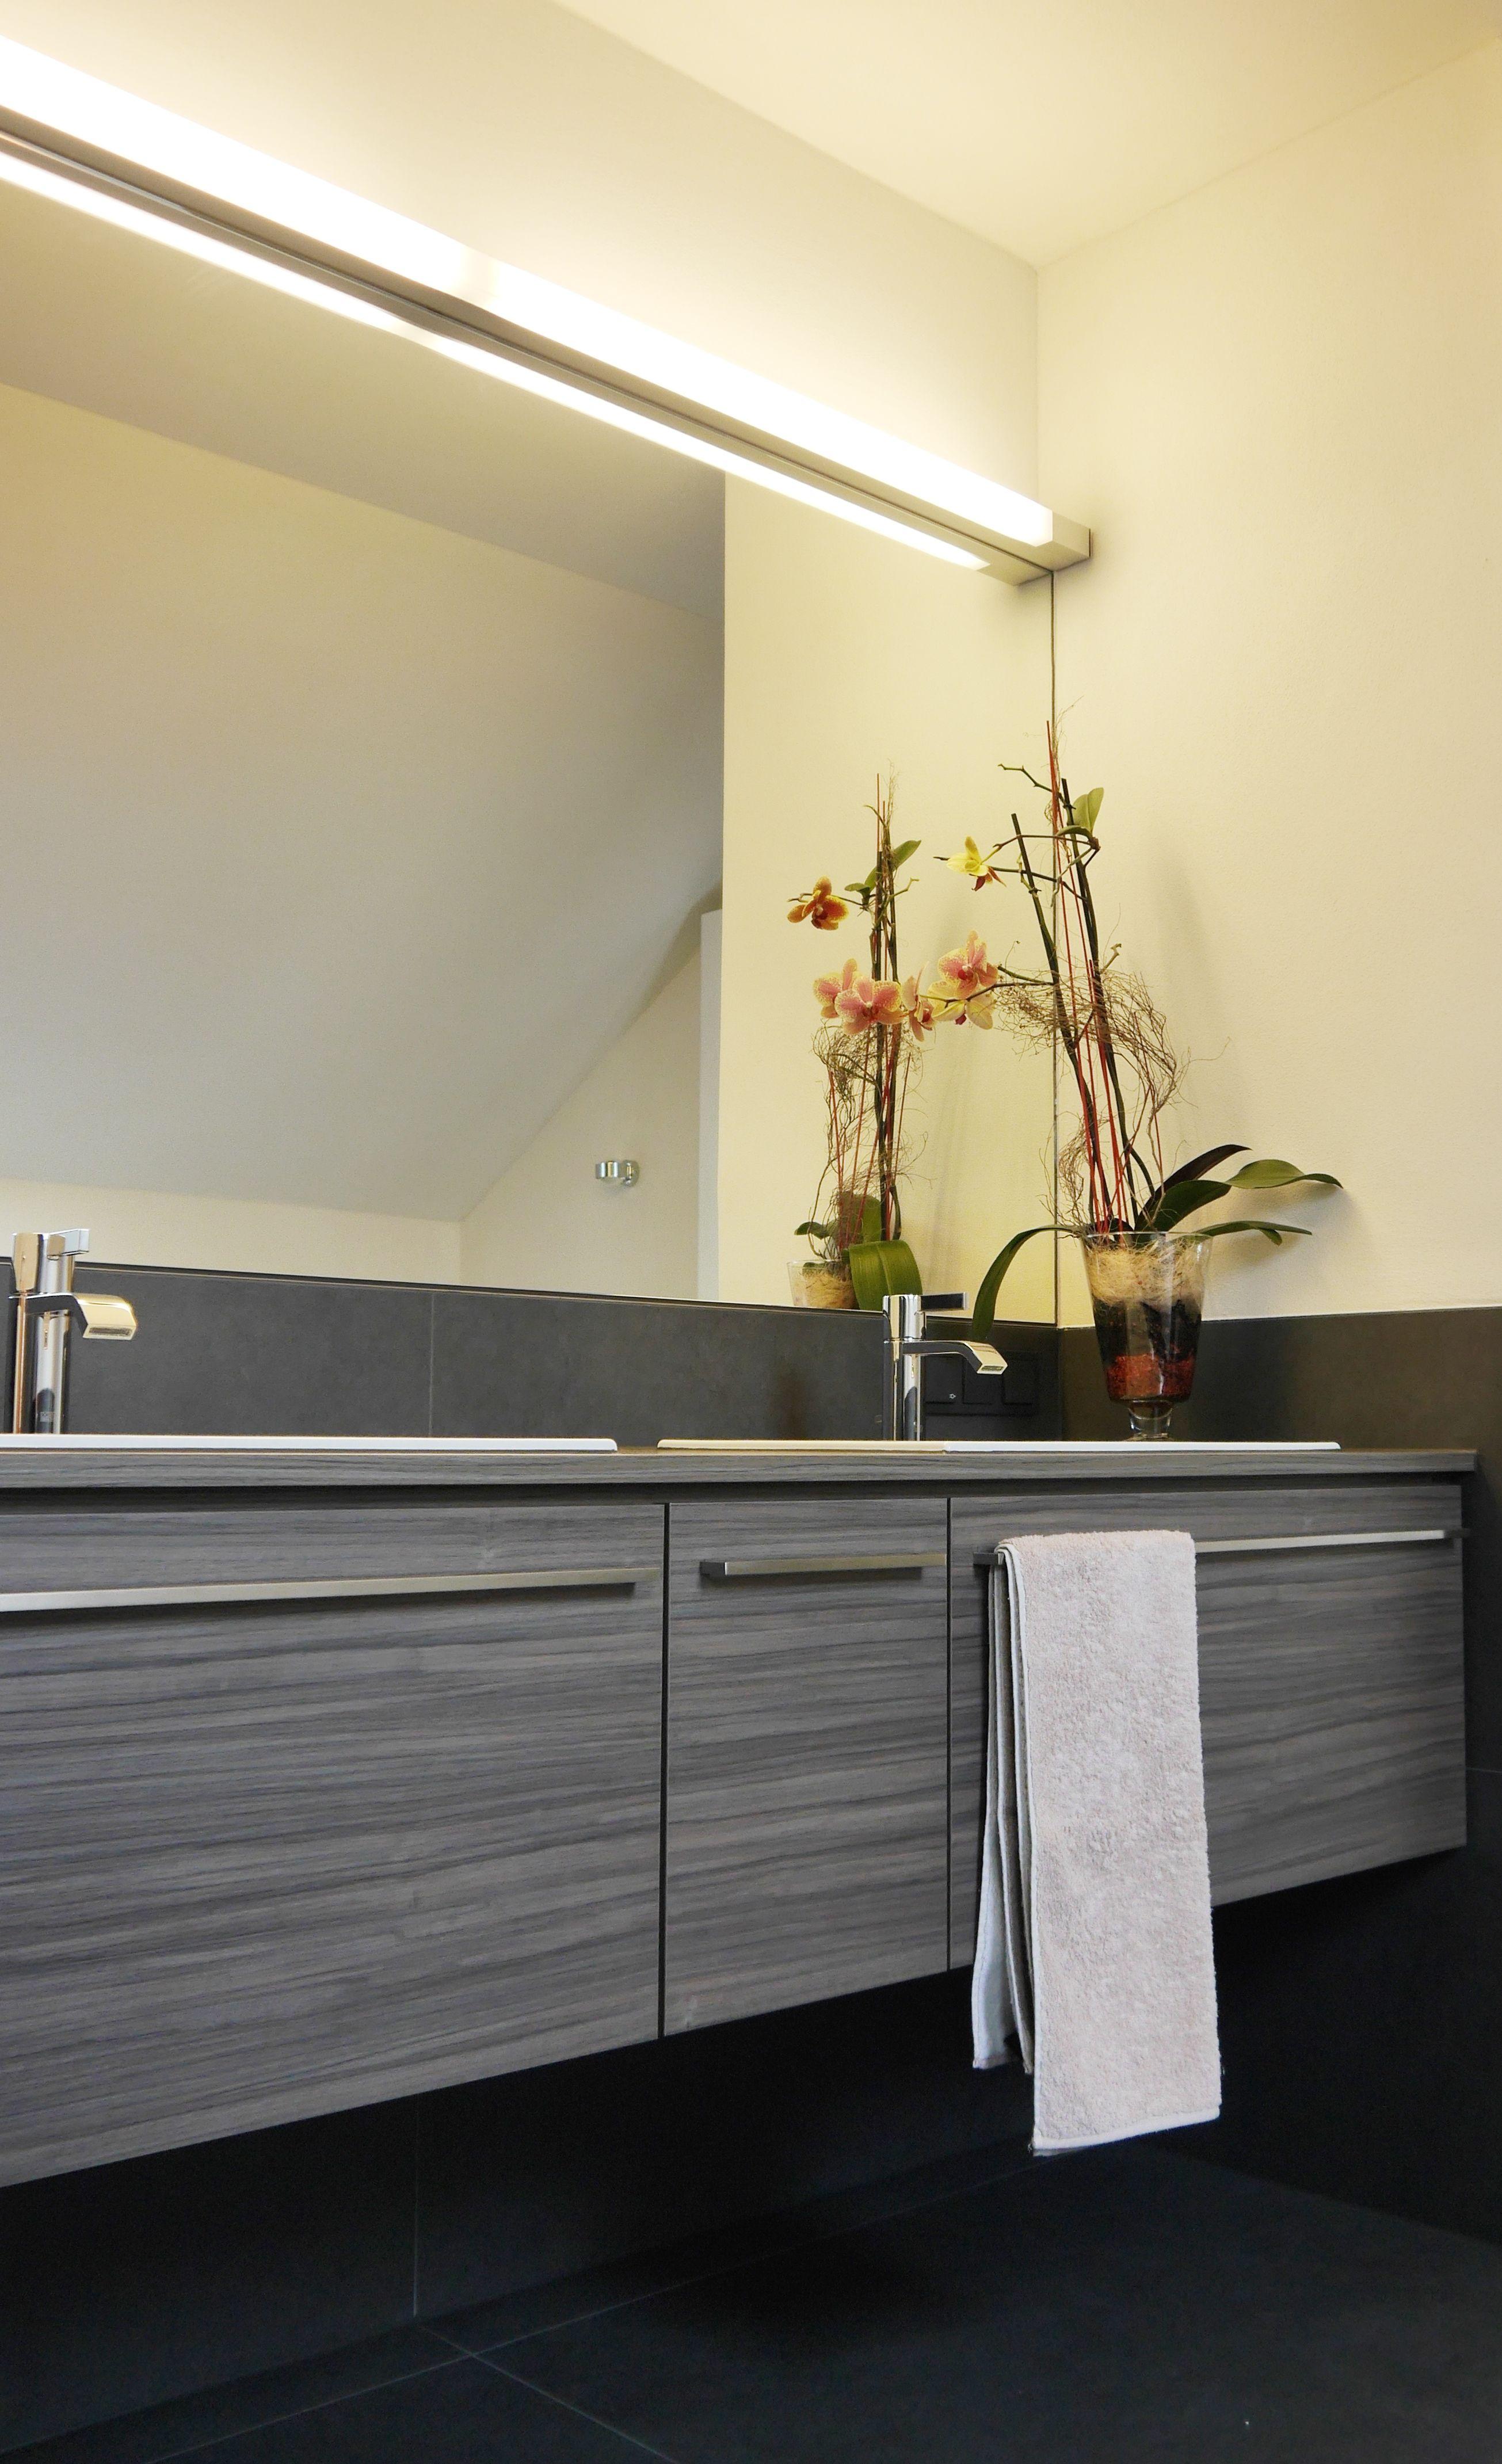 Waschtisch Mit Spiegel Spiegel Waschtisch Innenarchitektur Mobel Nach Mass